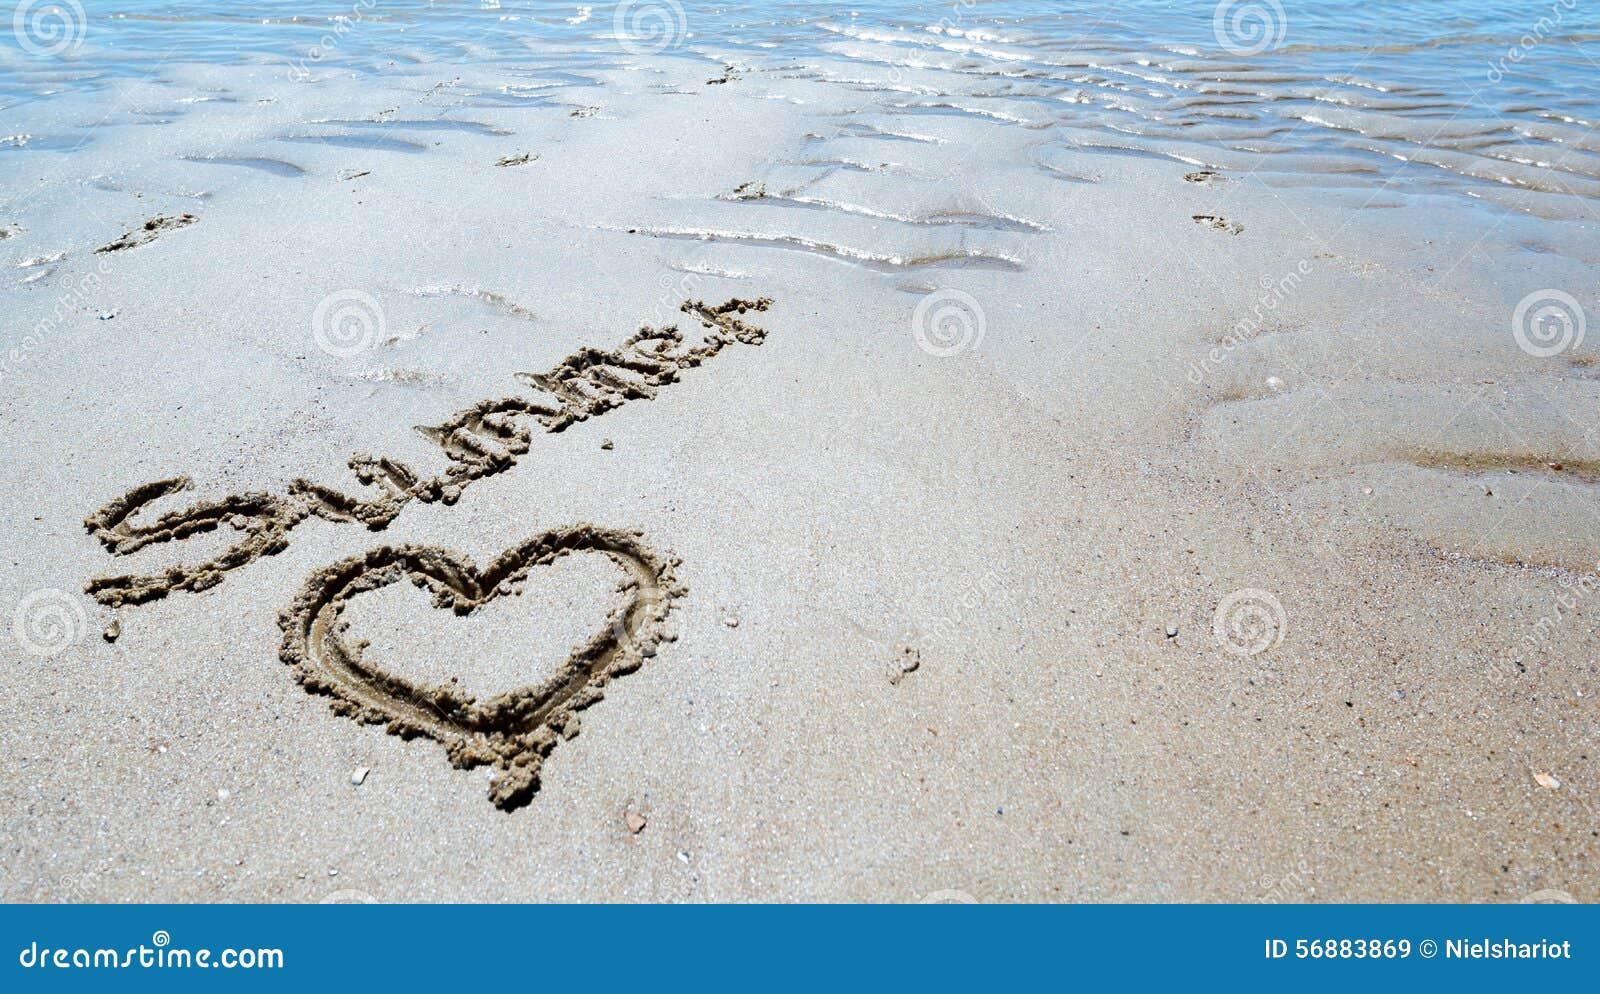 Καλοκαίρι χειρόγραφο στην άμμο της παραλίας με μια καλή καρδιά